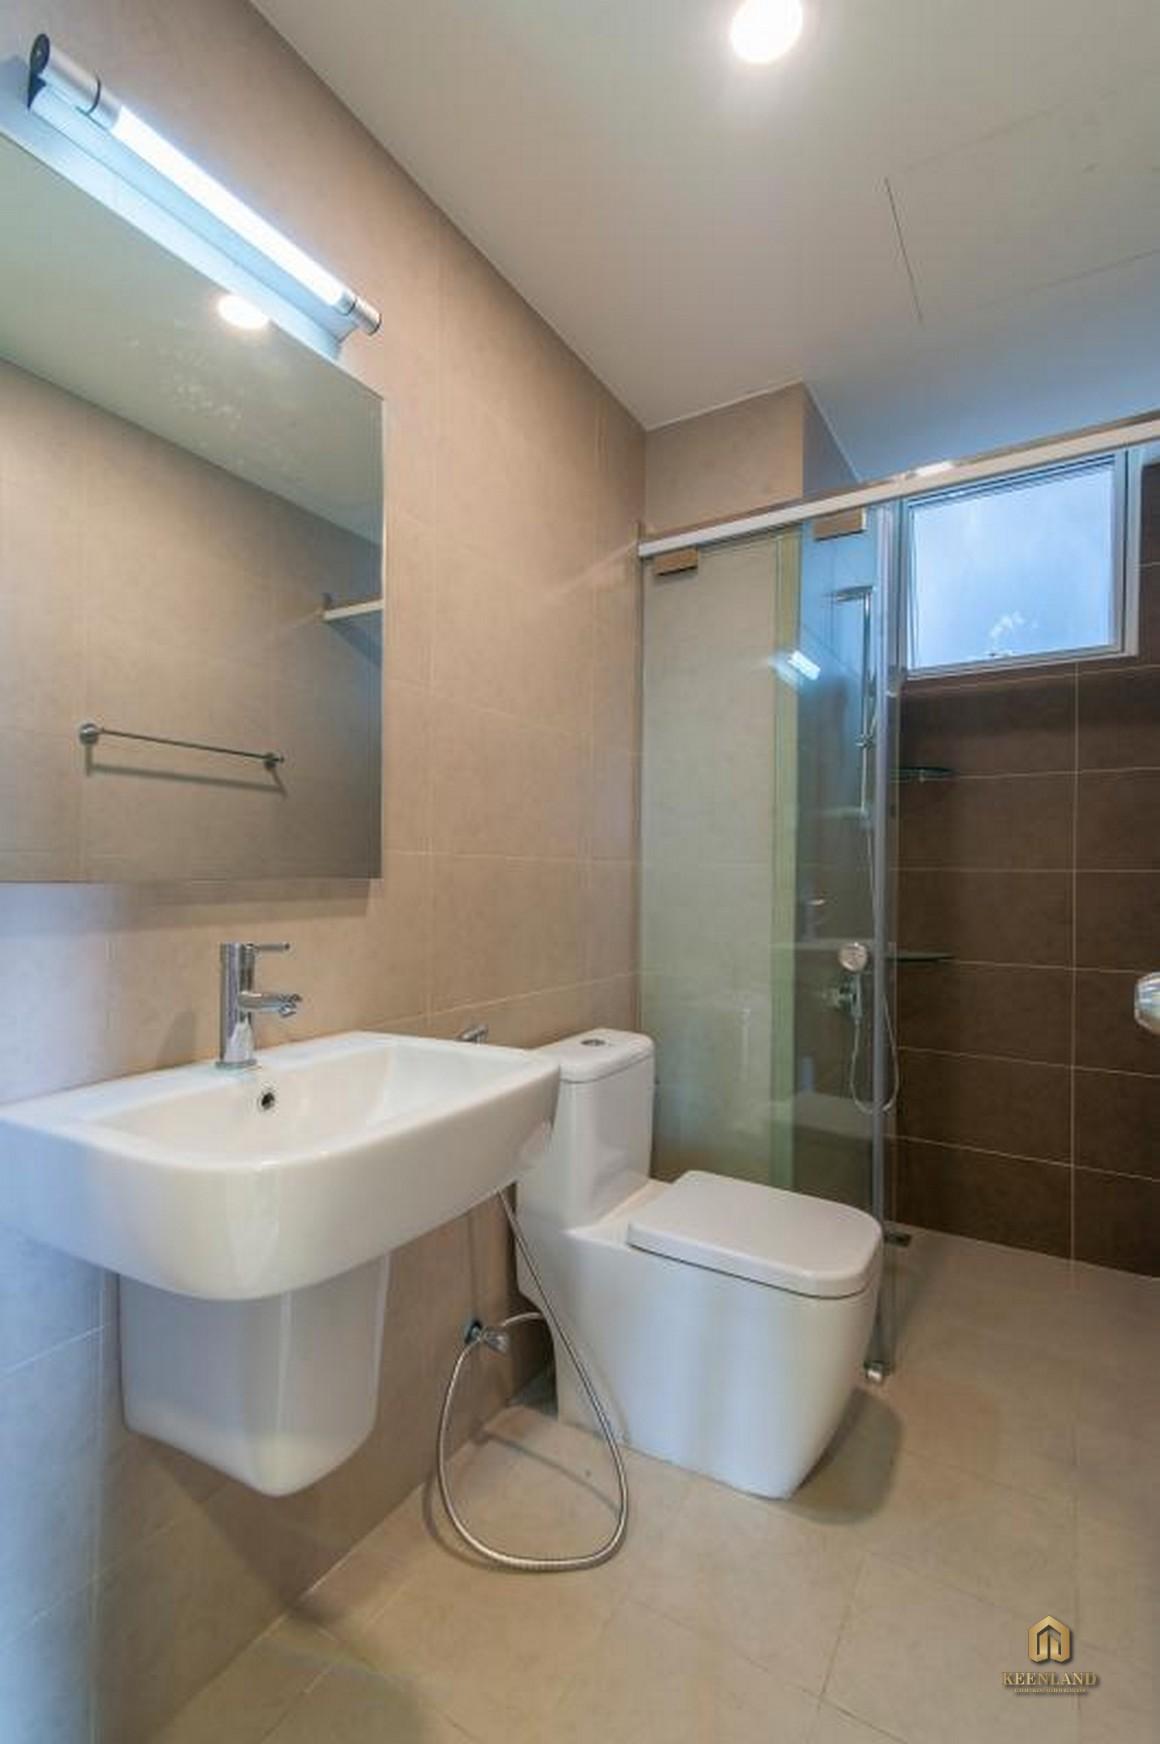 Mua bán cho thuê dự án căn hộ chung cư Lexington Residence quận 2